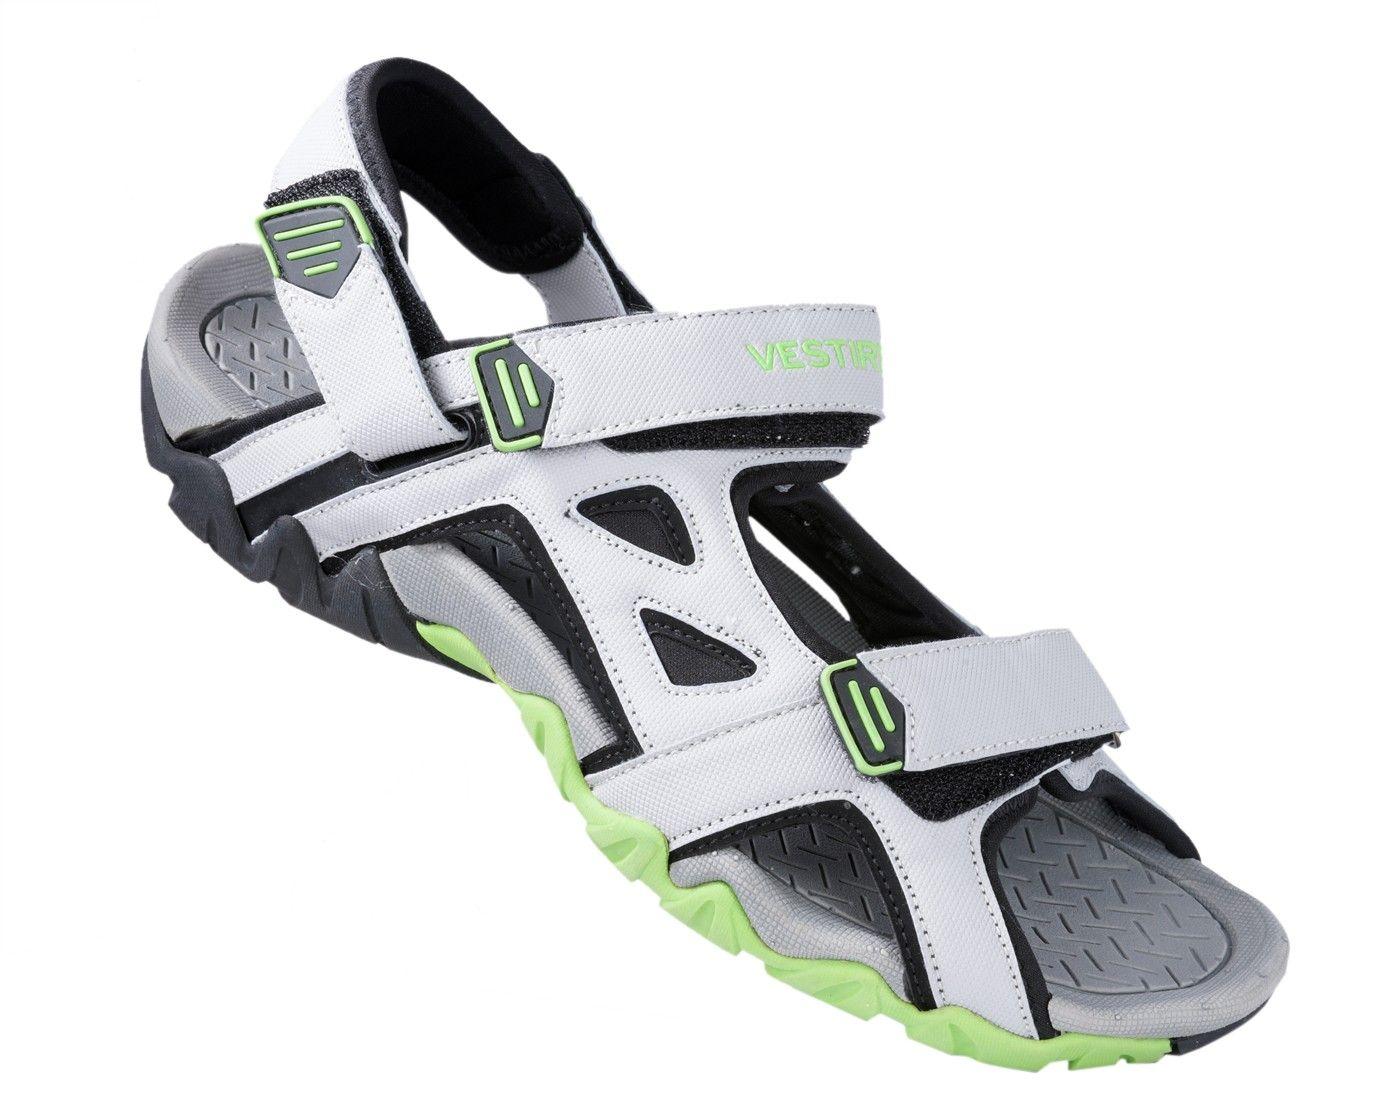 Buy Men S Sandals India Sandals Famous Footwear Shoes